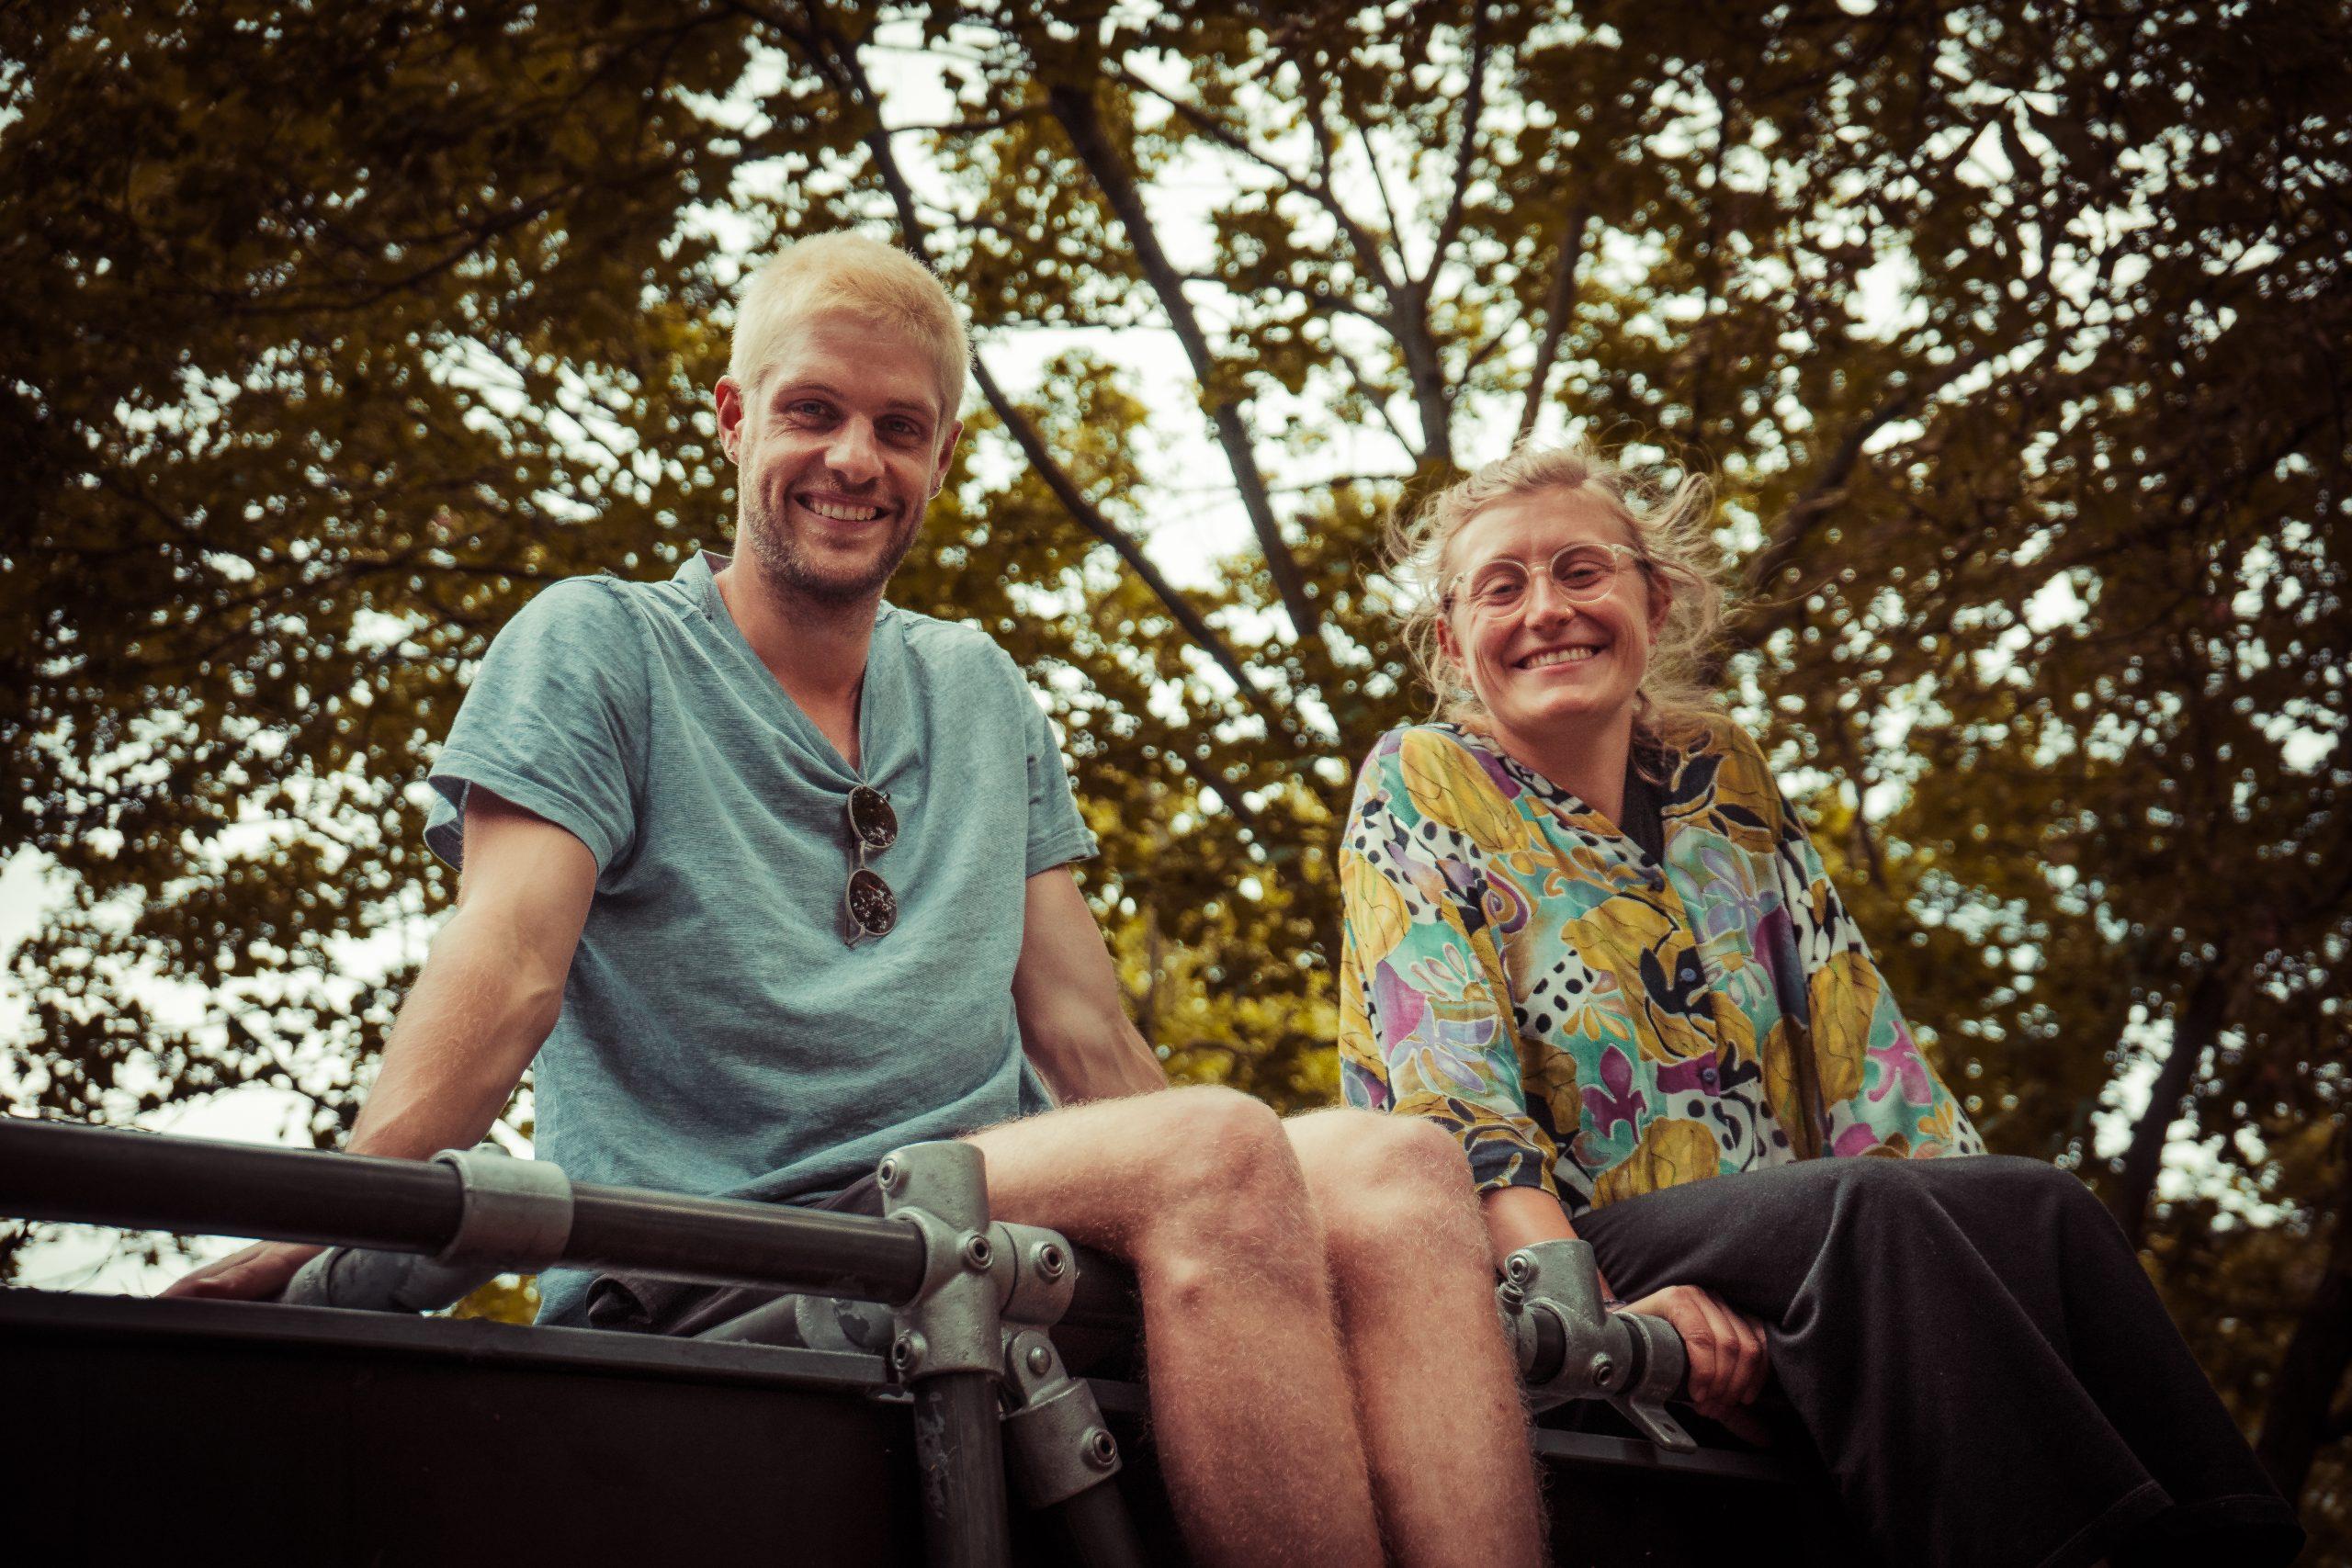 Ein junger Mann und eine junge Frau sitzen lachend auf einem Gerüst. Im Hintergrund sind Bäume zu sehen.